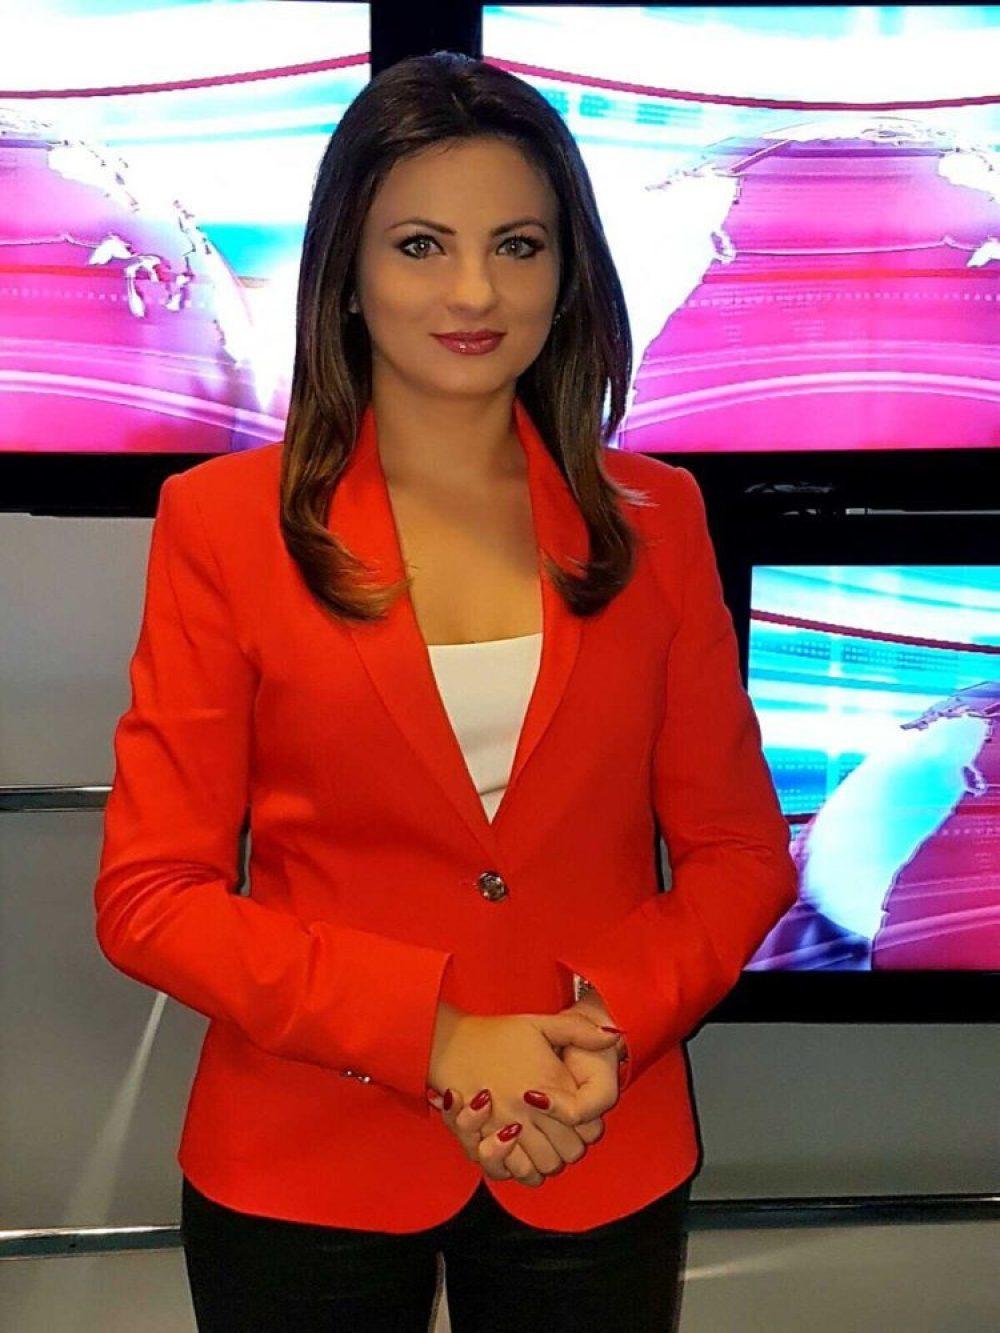 loredana-iordache-telejurnal-matinal-tvr-1